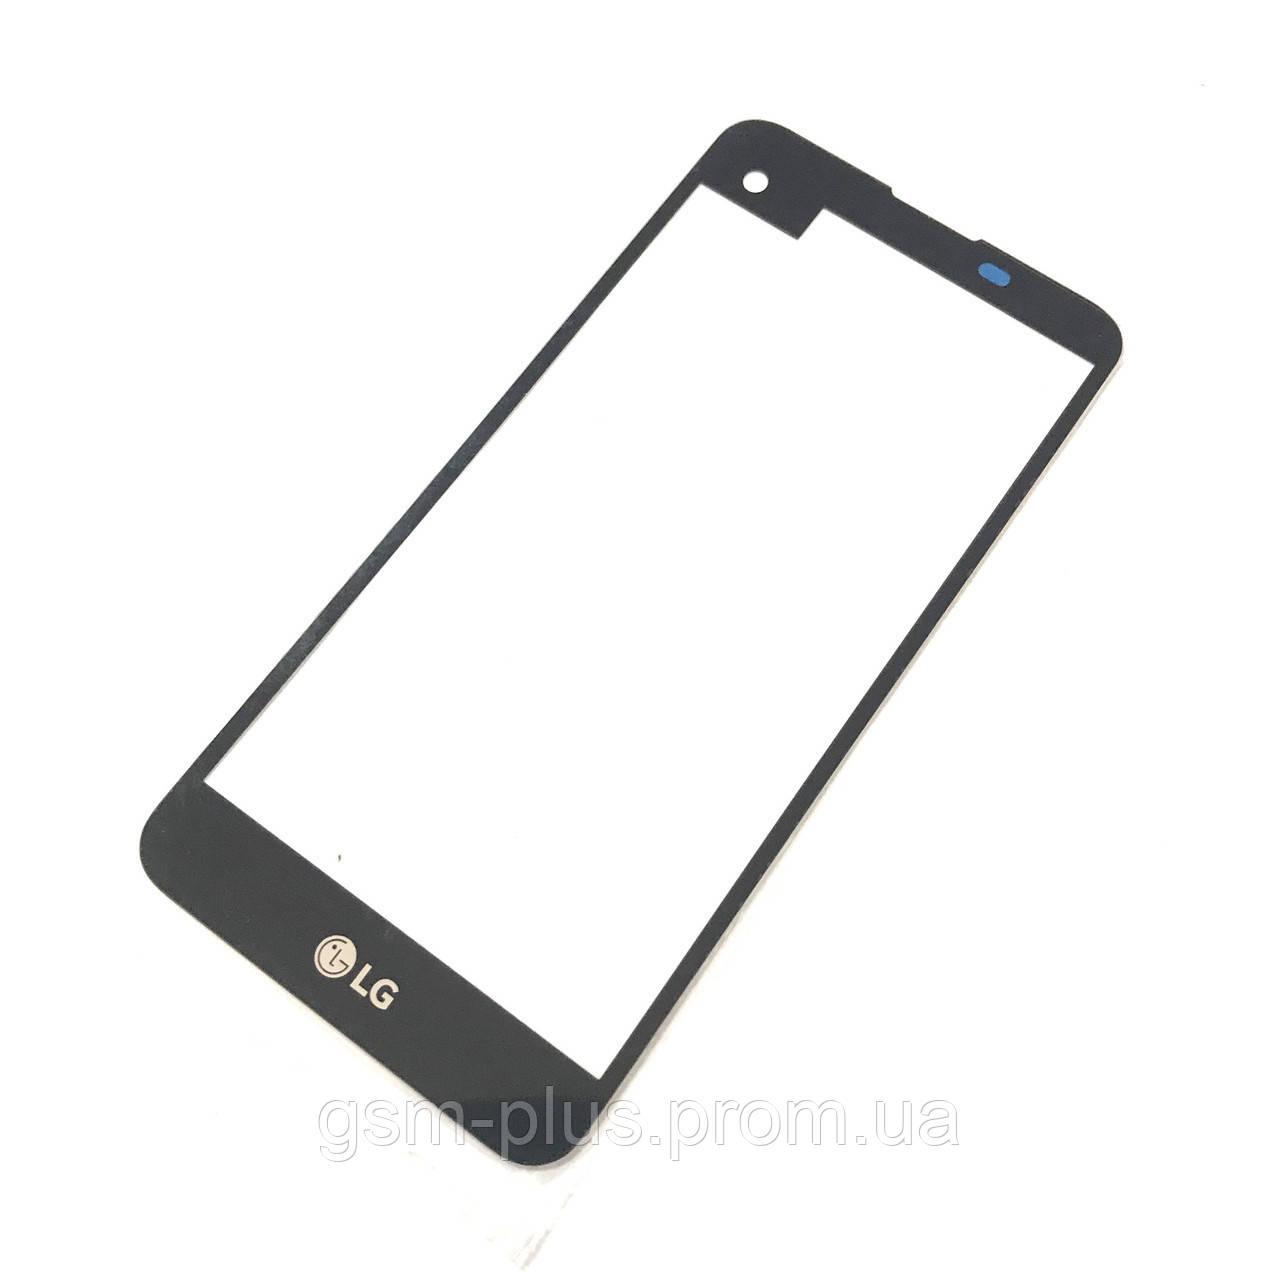 Стекло дисплея LG K500n / K500DS / X Screen / X View Black (для переклейки)